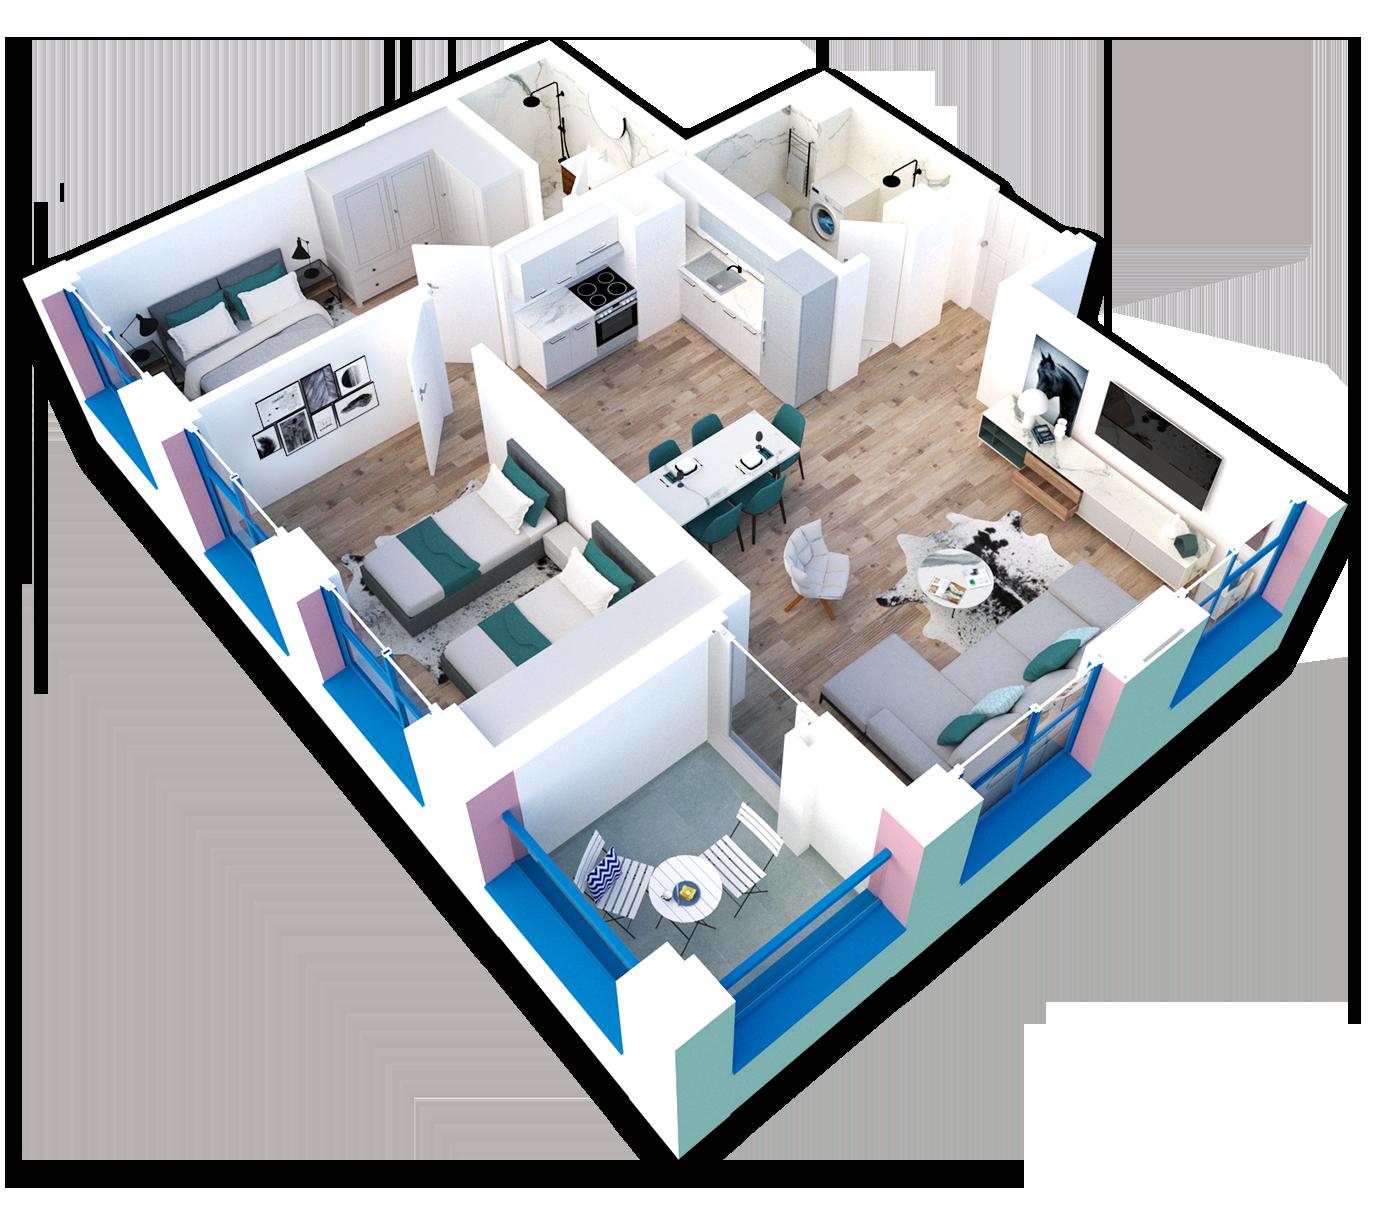 Apartament 2+1 në shitje në Tiranë - Mangalem 21 Shkalla 22 Kati 8